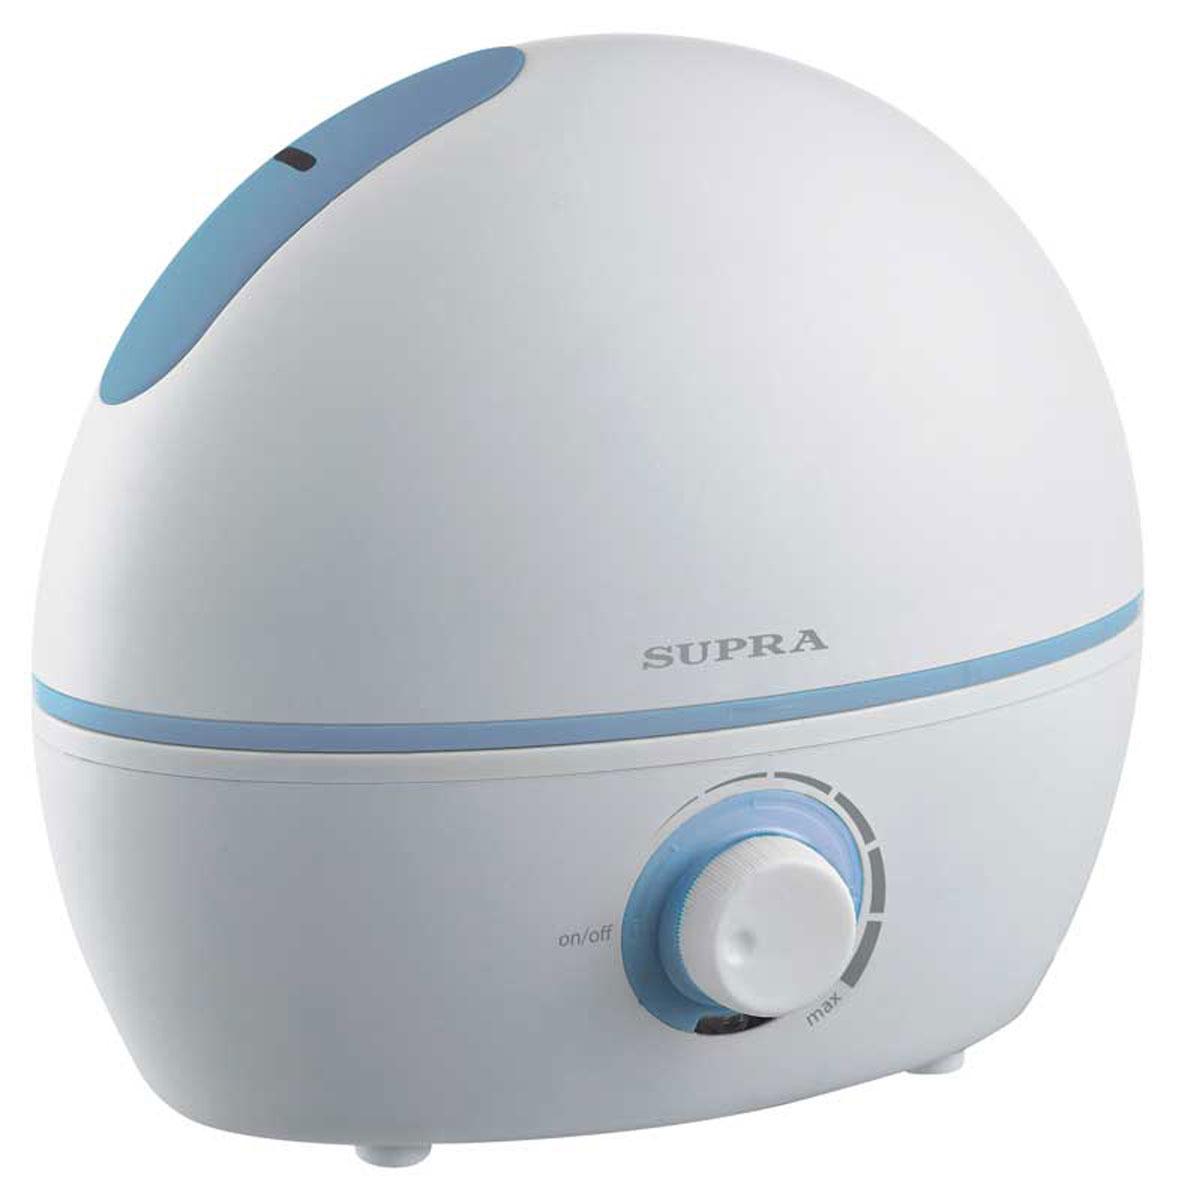 Supra HDS-102, White увлажнитель воздуха все цены